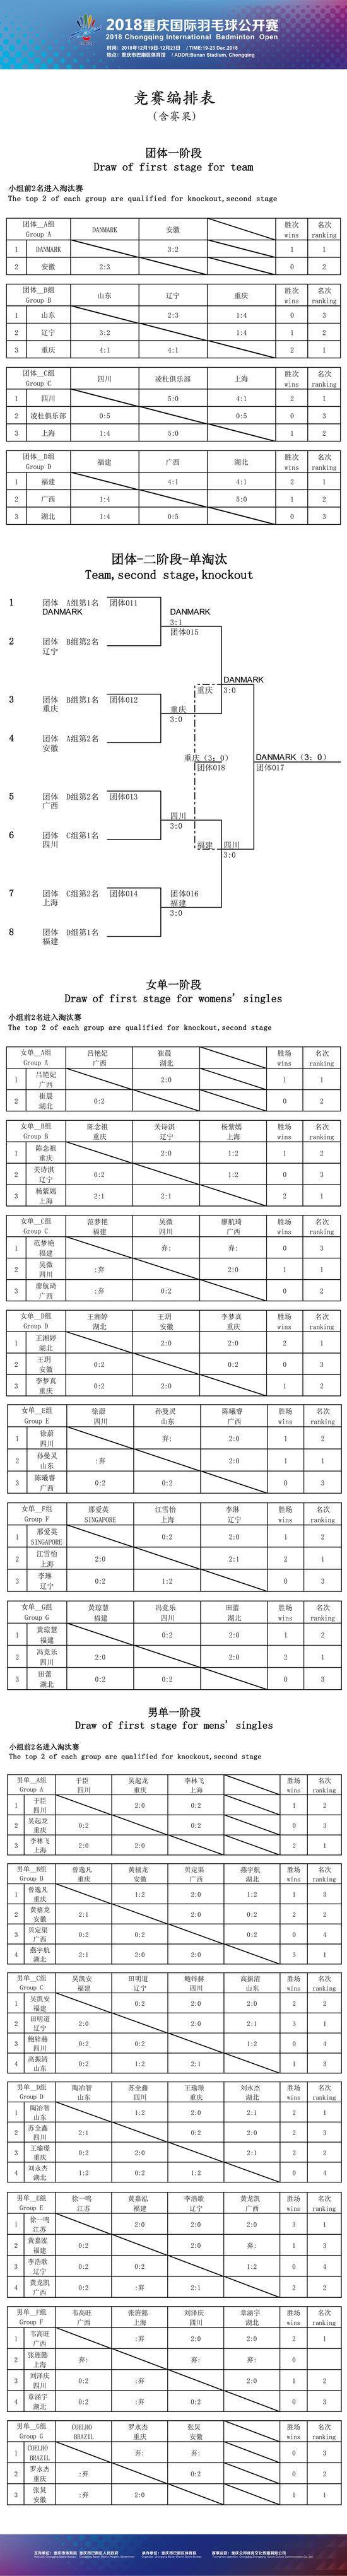 2018重庆国际羽毛球公开赛最新赛果(12月22日)